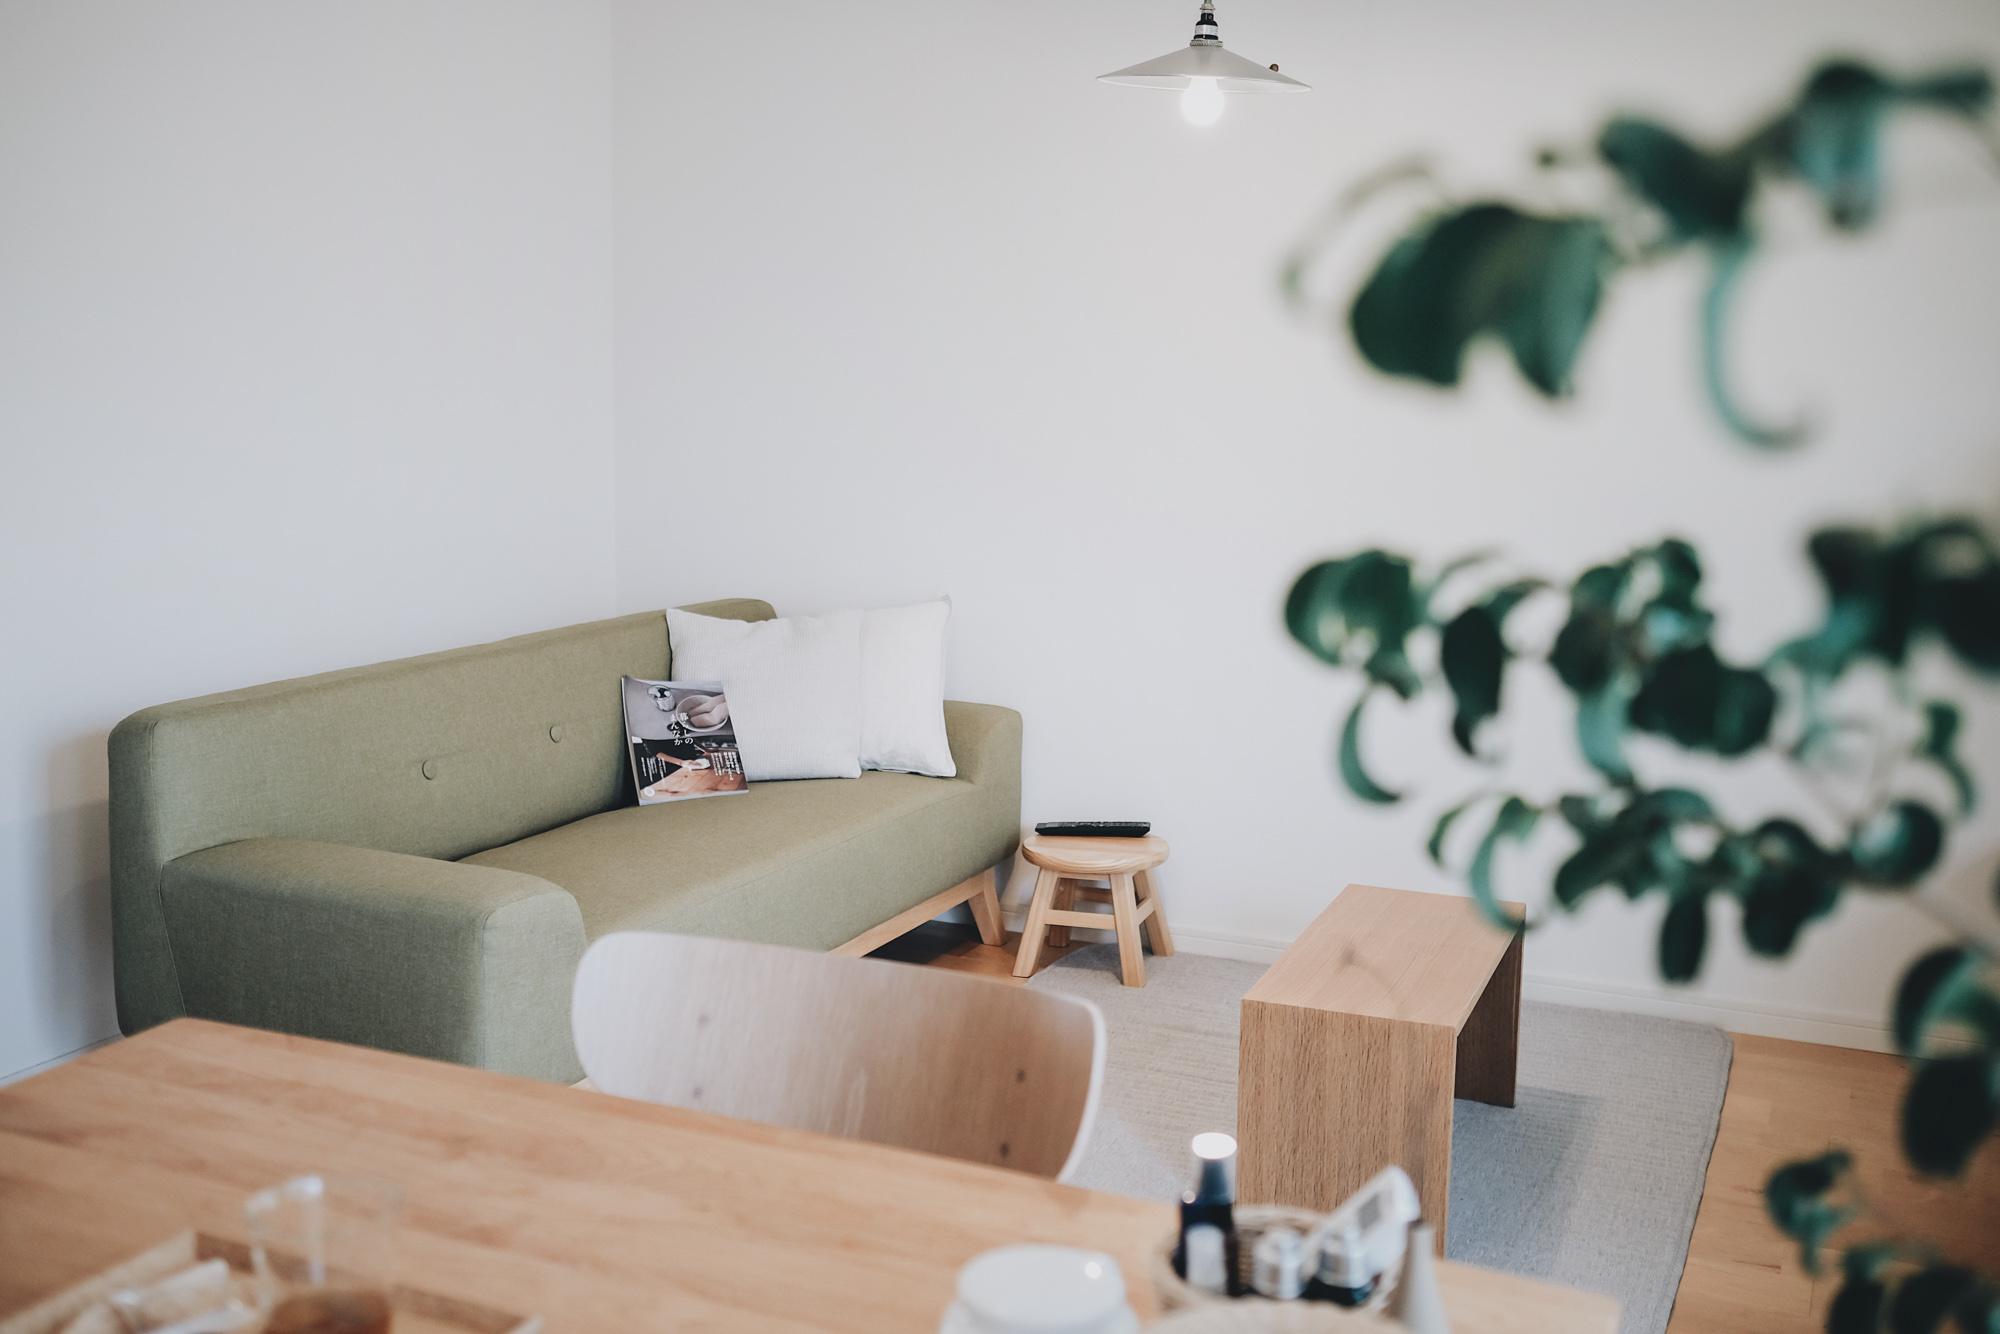 ソファからだけ観られる位置にテレビを配置することで、食事をする時間とリラックスする時間をしっかり分けて過ごすことができます。